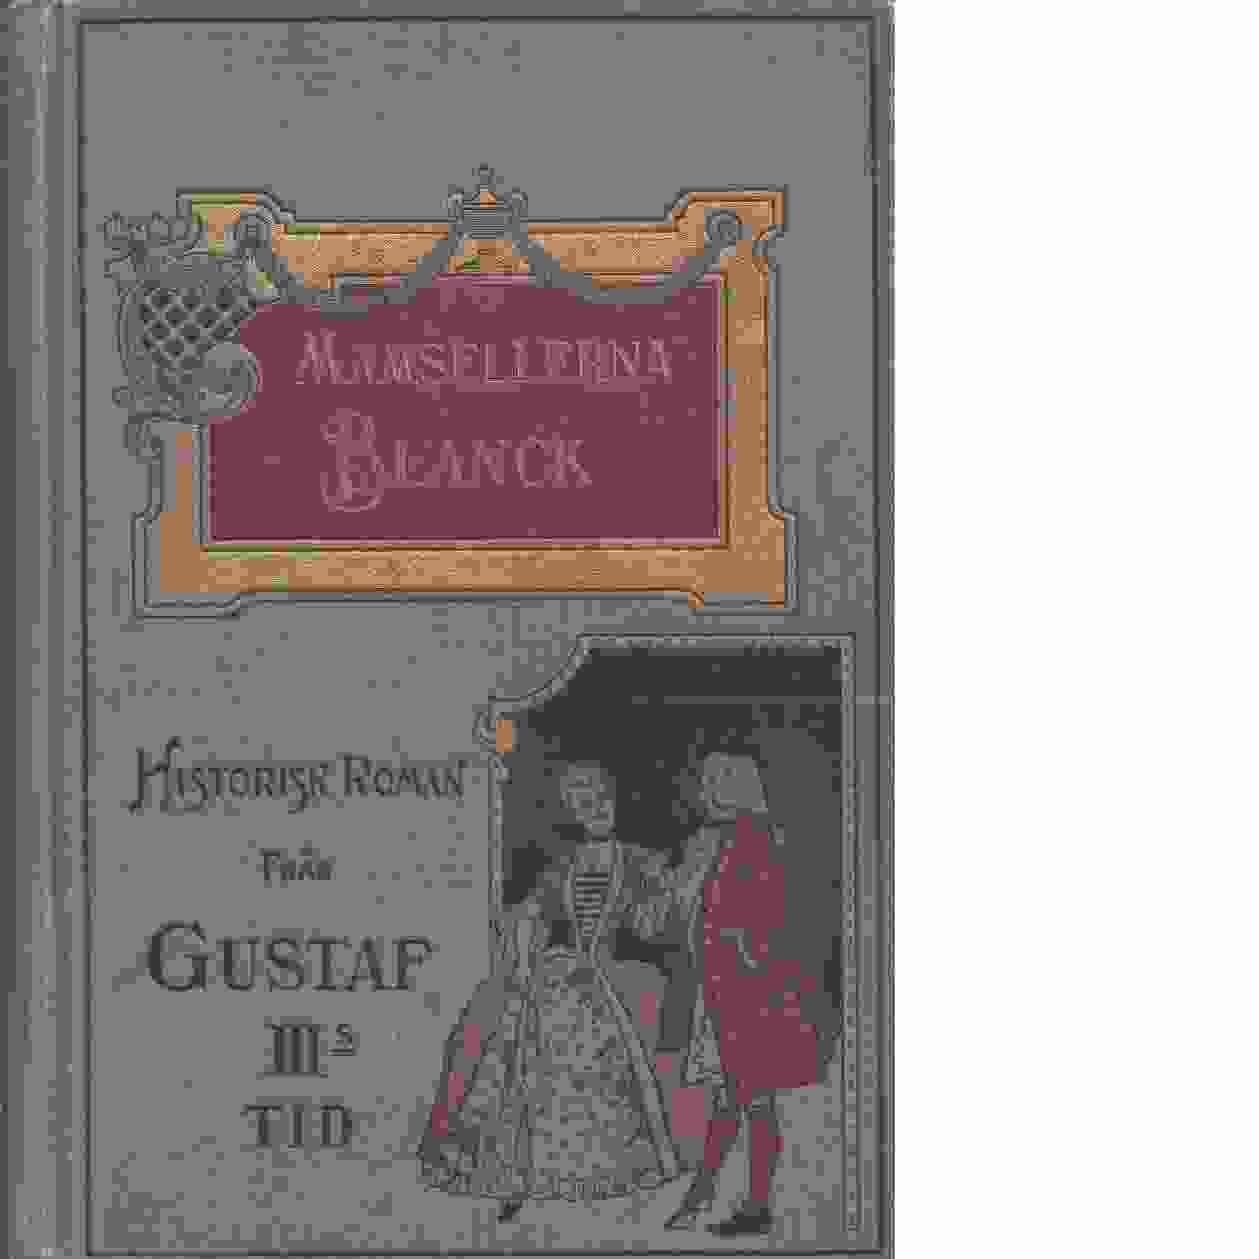 Mamsellerna Blanck : historisk roman från Gustaf III:s tid - Benzon, Karl